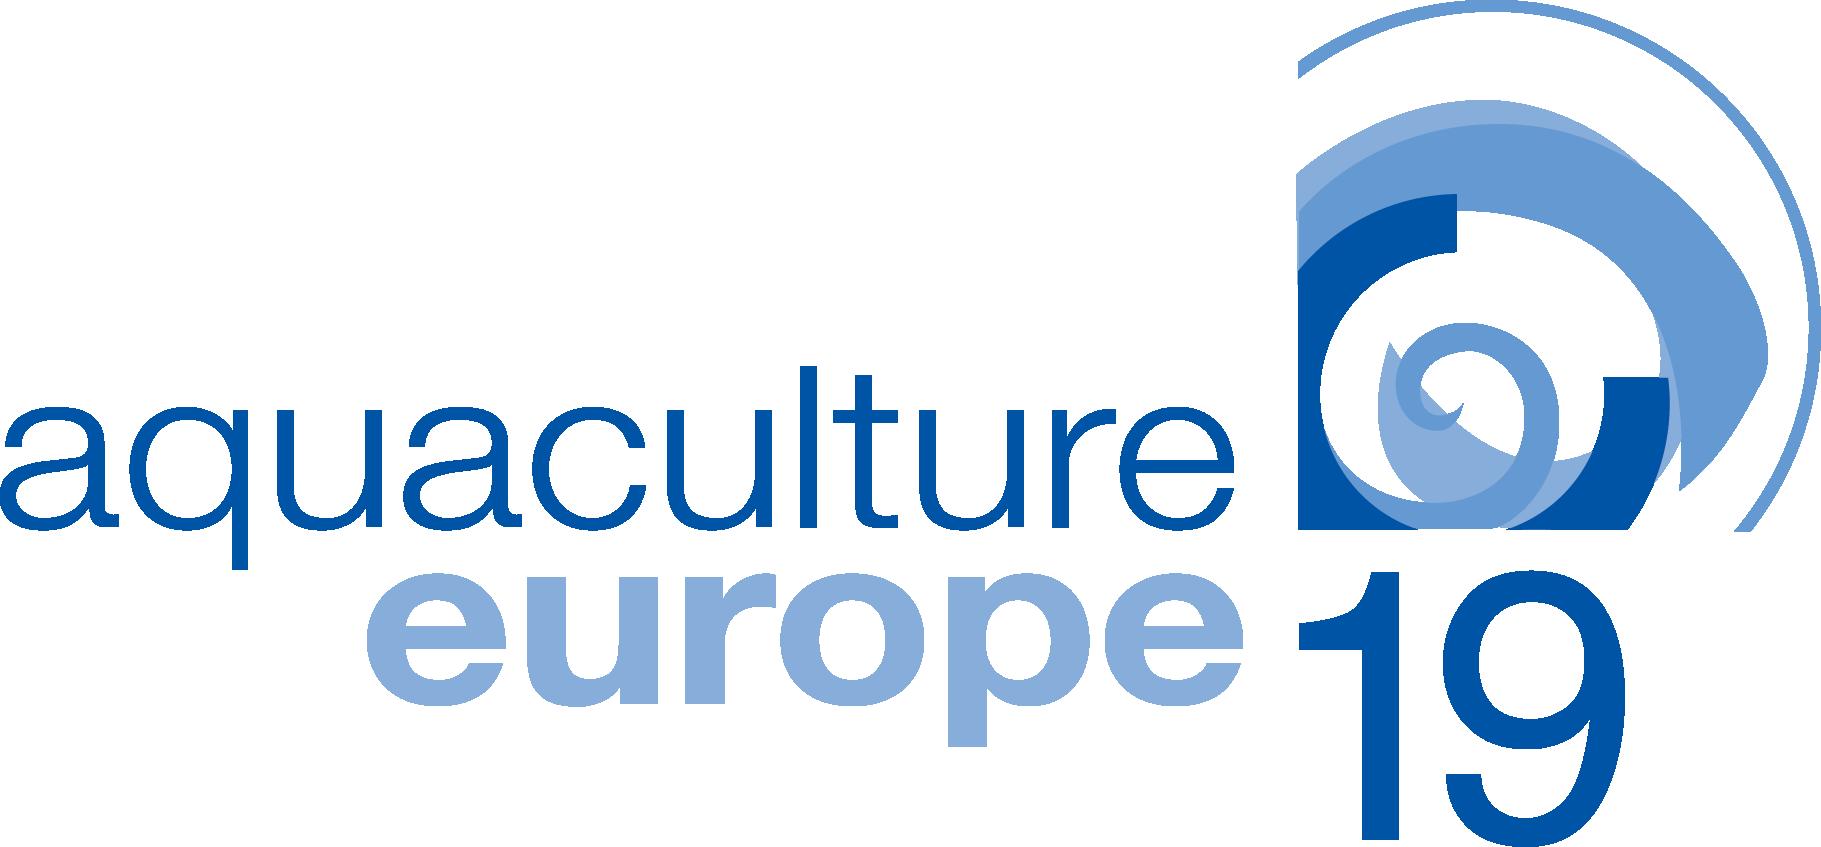 Aquaculture Europe 2019